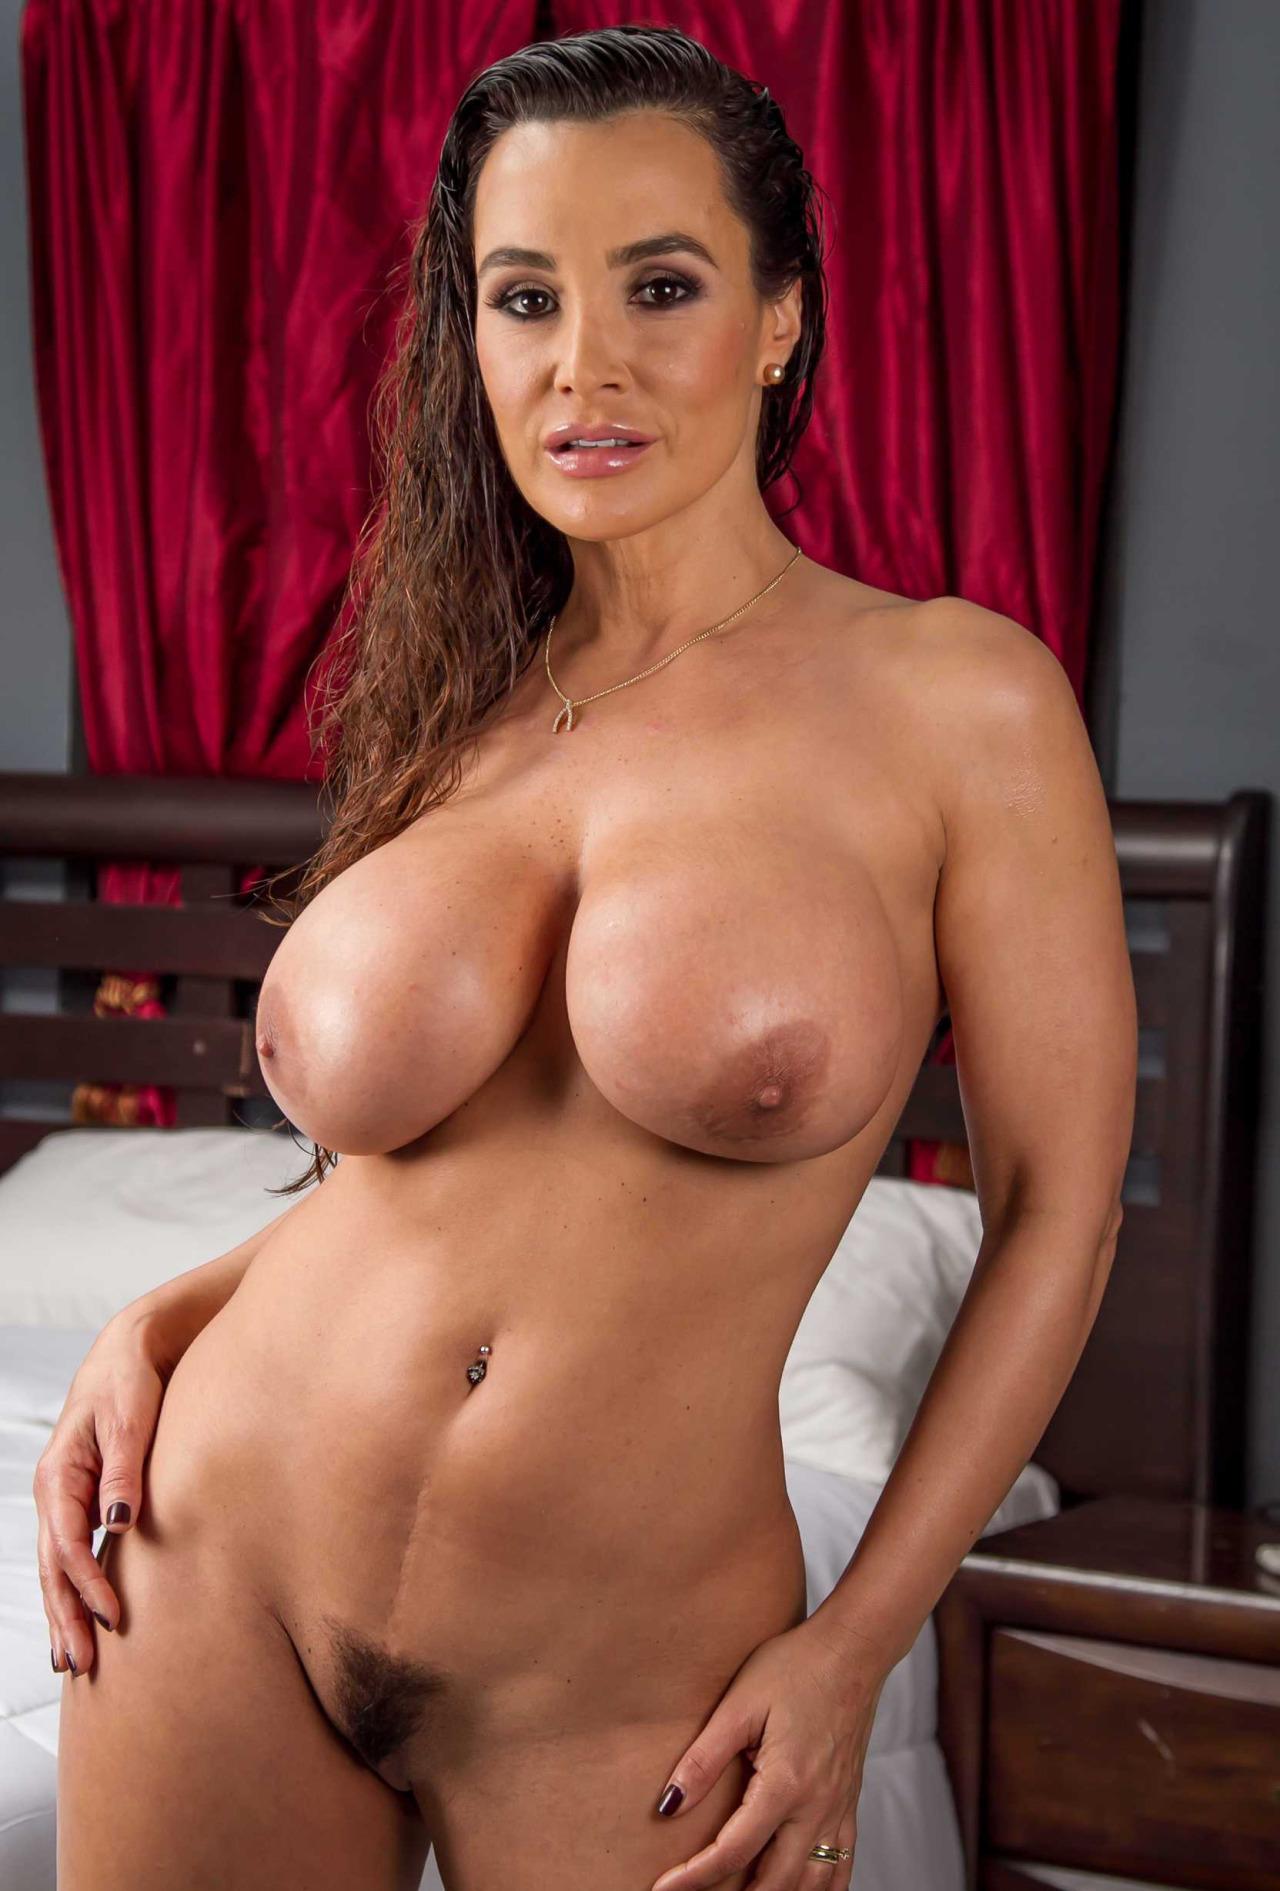 Lisa ann nude pics